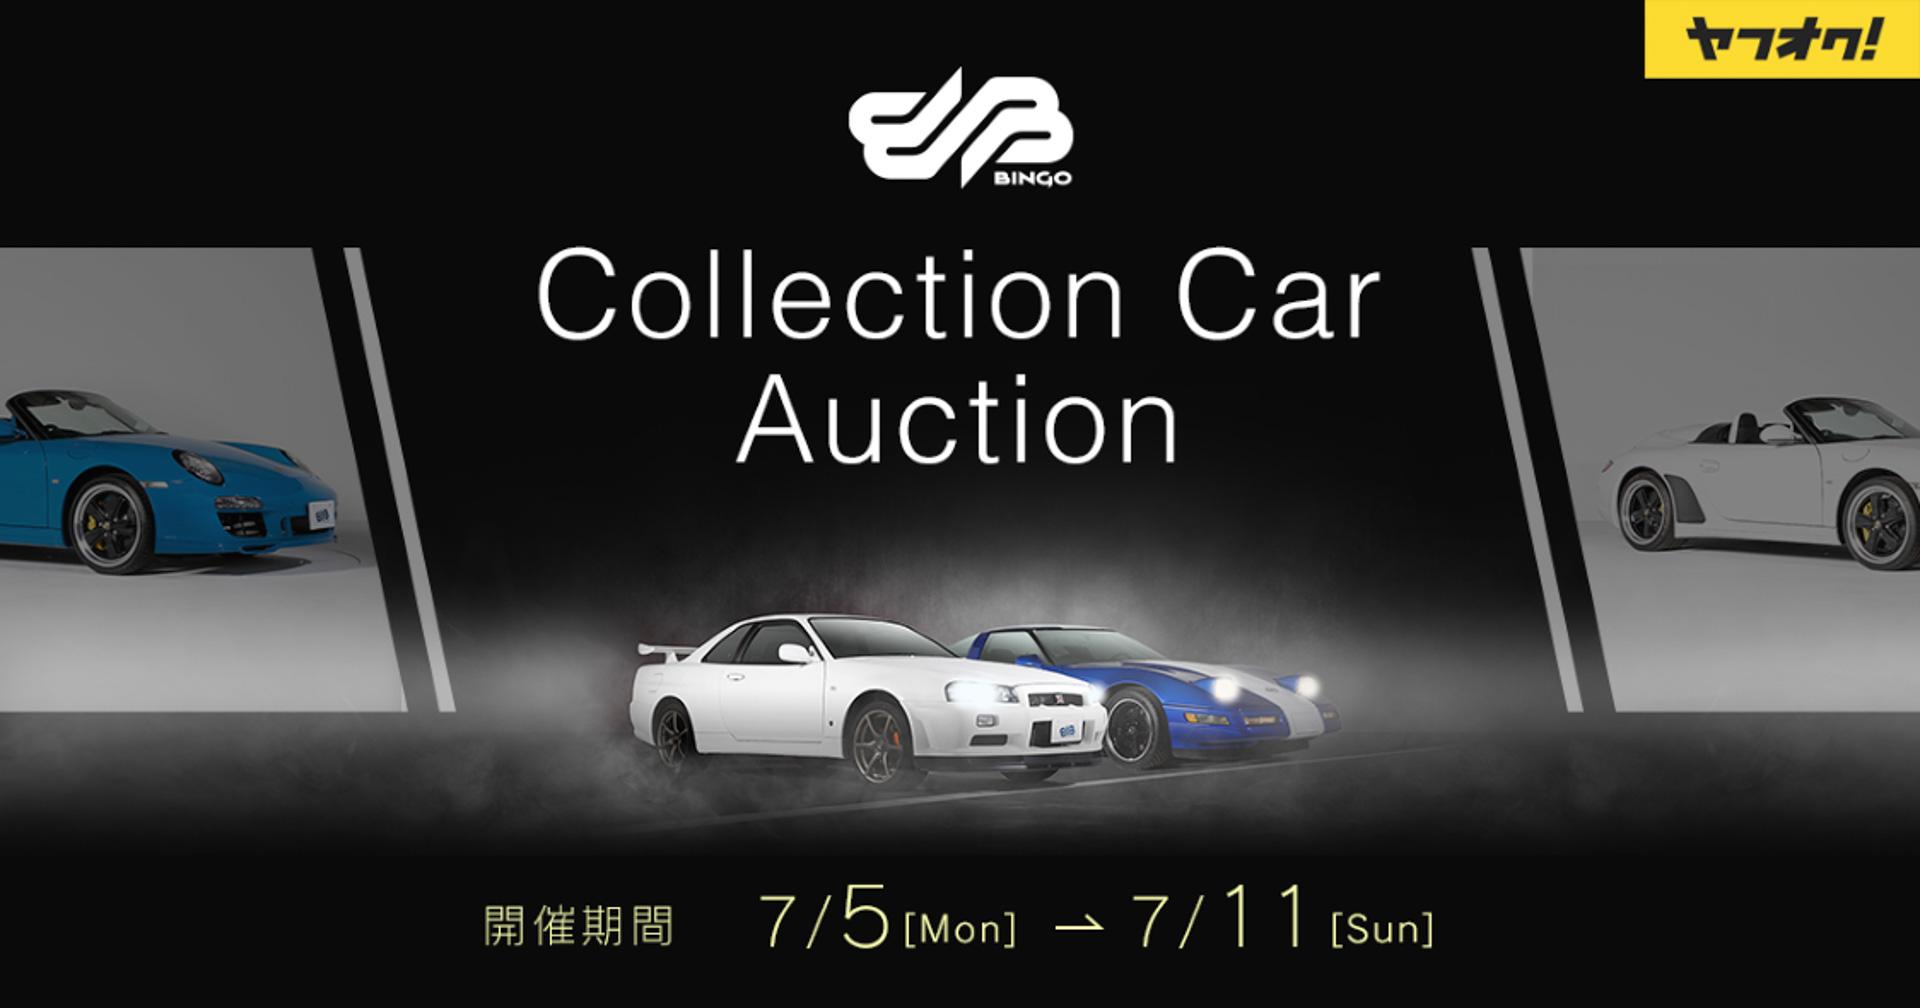 Yahoo! JAPAN(ヤフー)とBH AUCTIONによる、希少価値の高い名車に特化した「コレクションカーオークション」の第2回が開催された